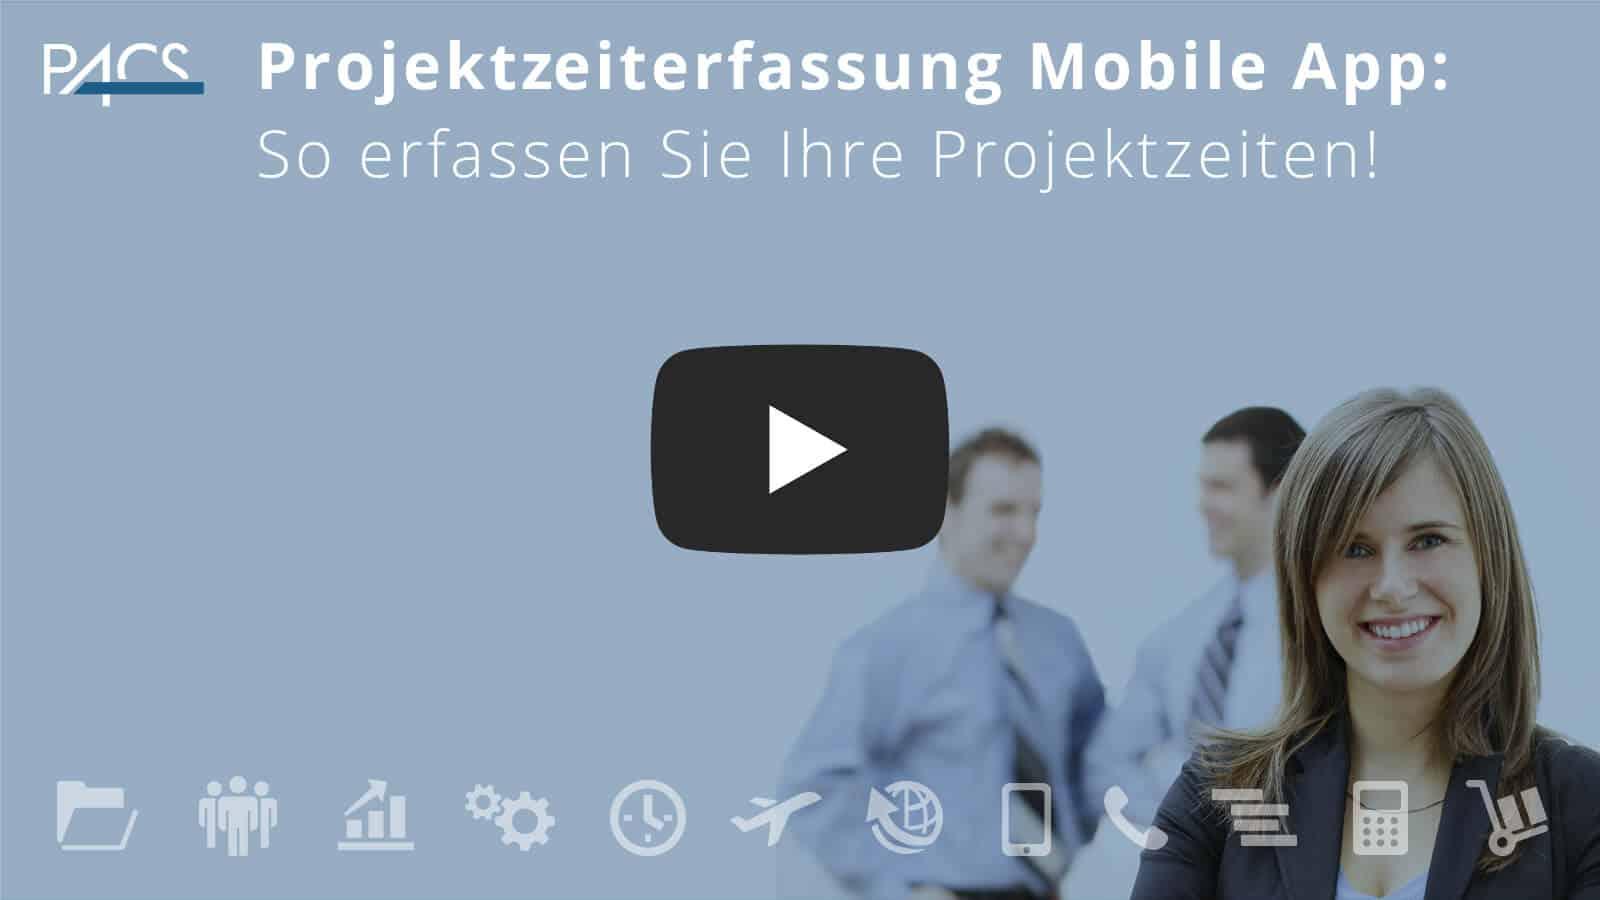 Projektzeiten erfassen mit der PACS Mobile App